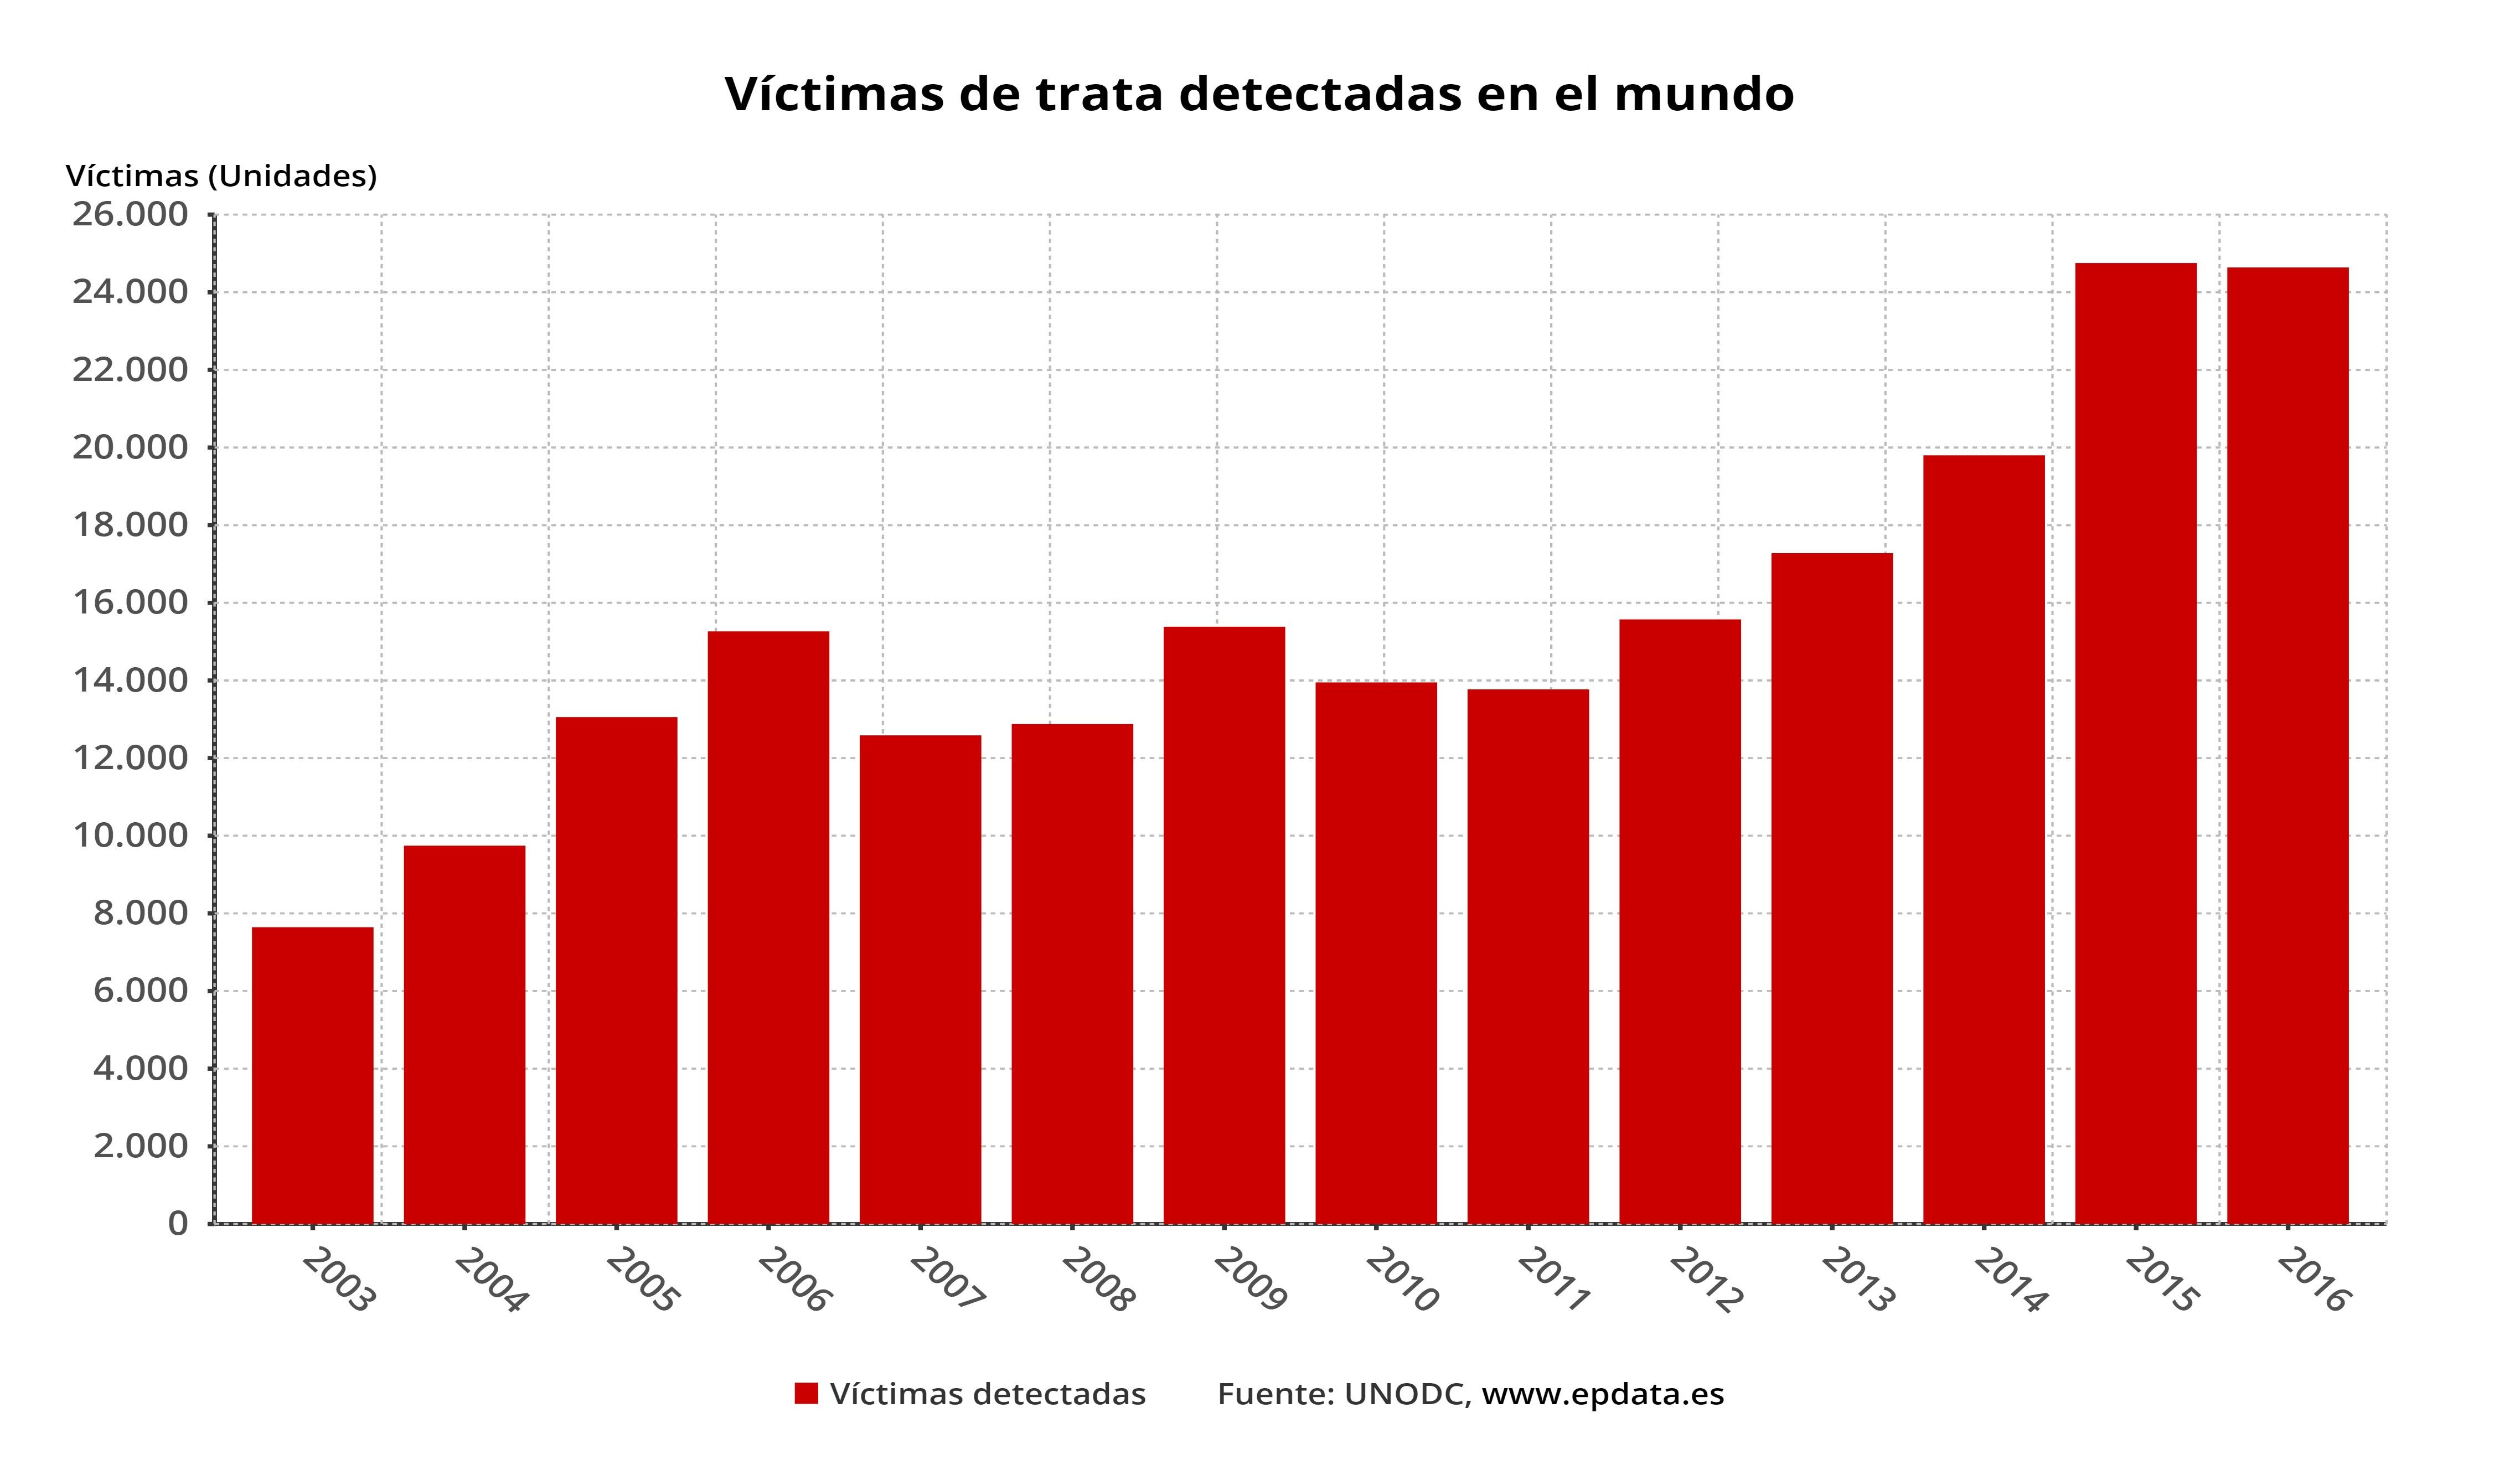 La trata de personas en el mundo, en datos y gráficos